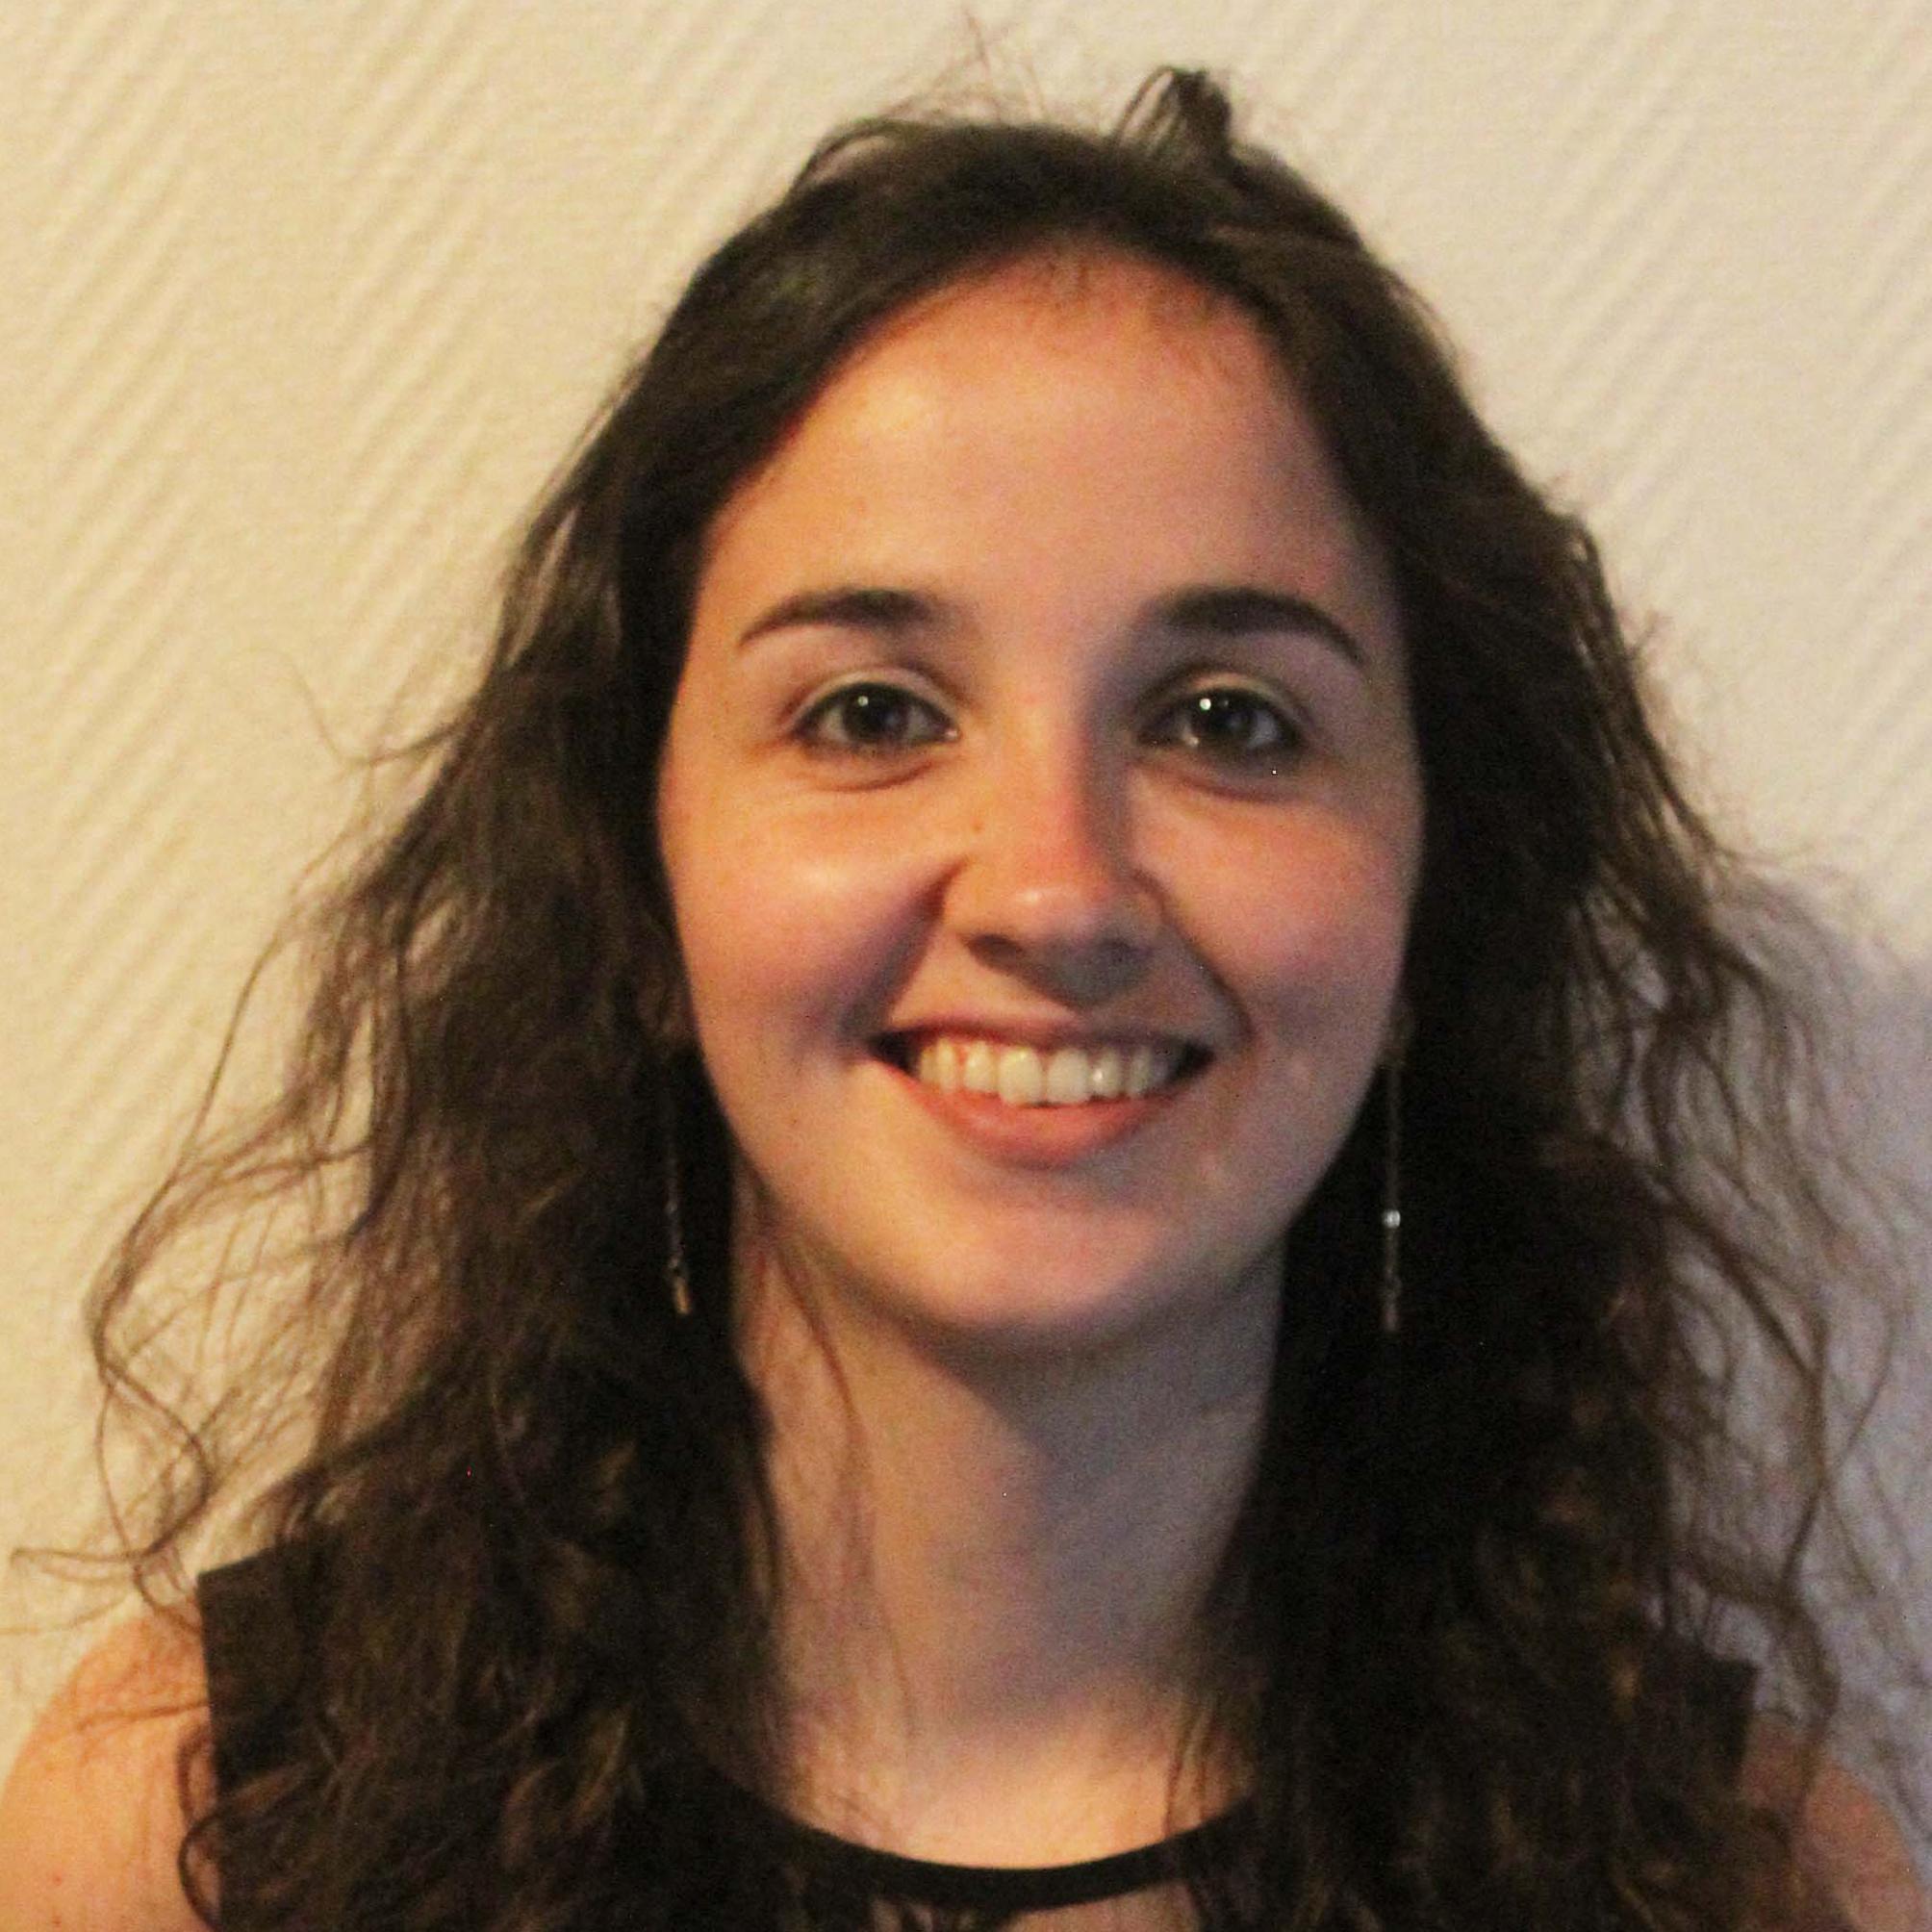 Victoria Brielle